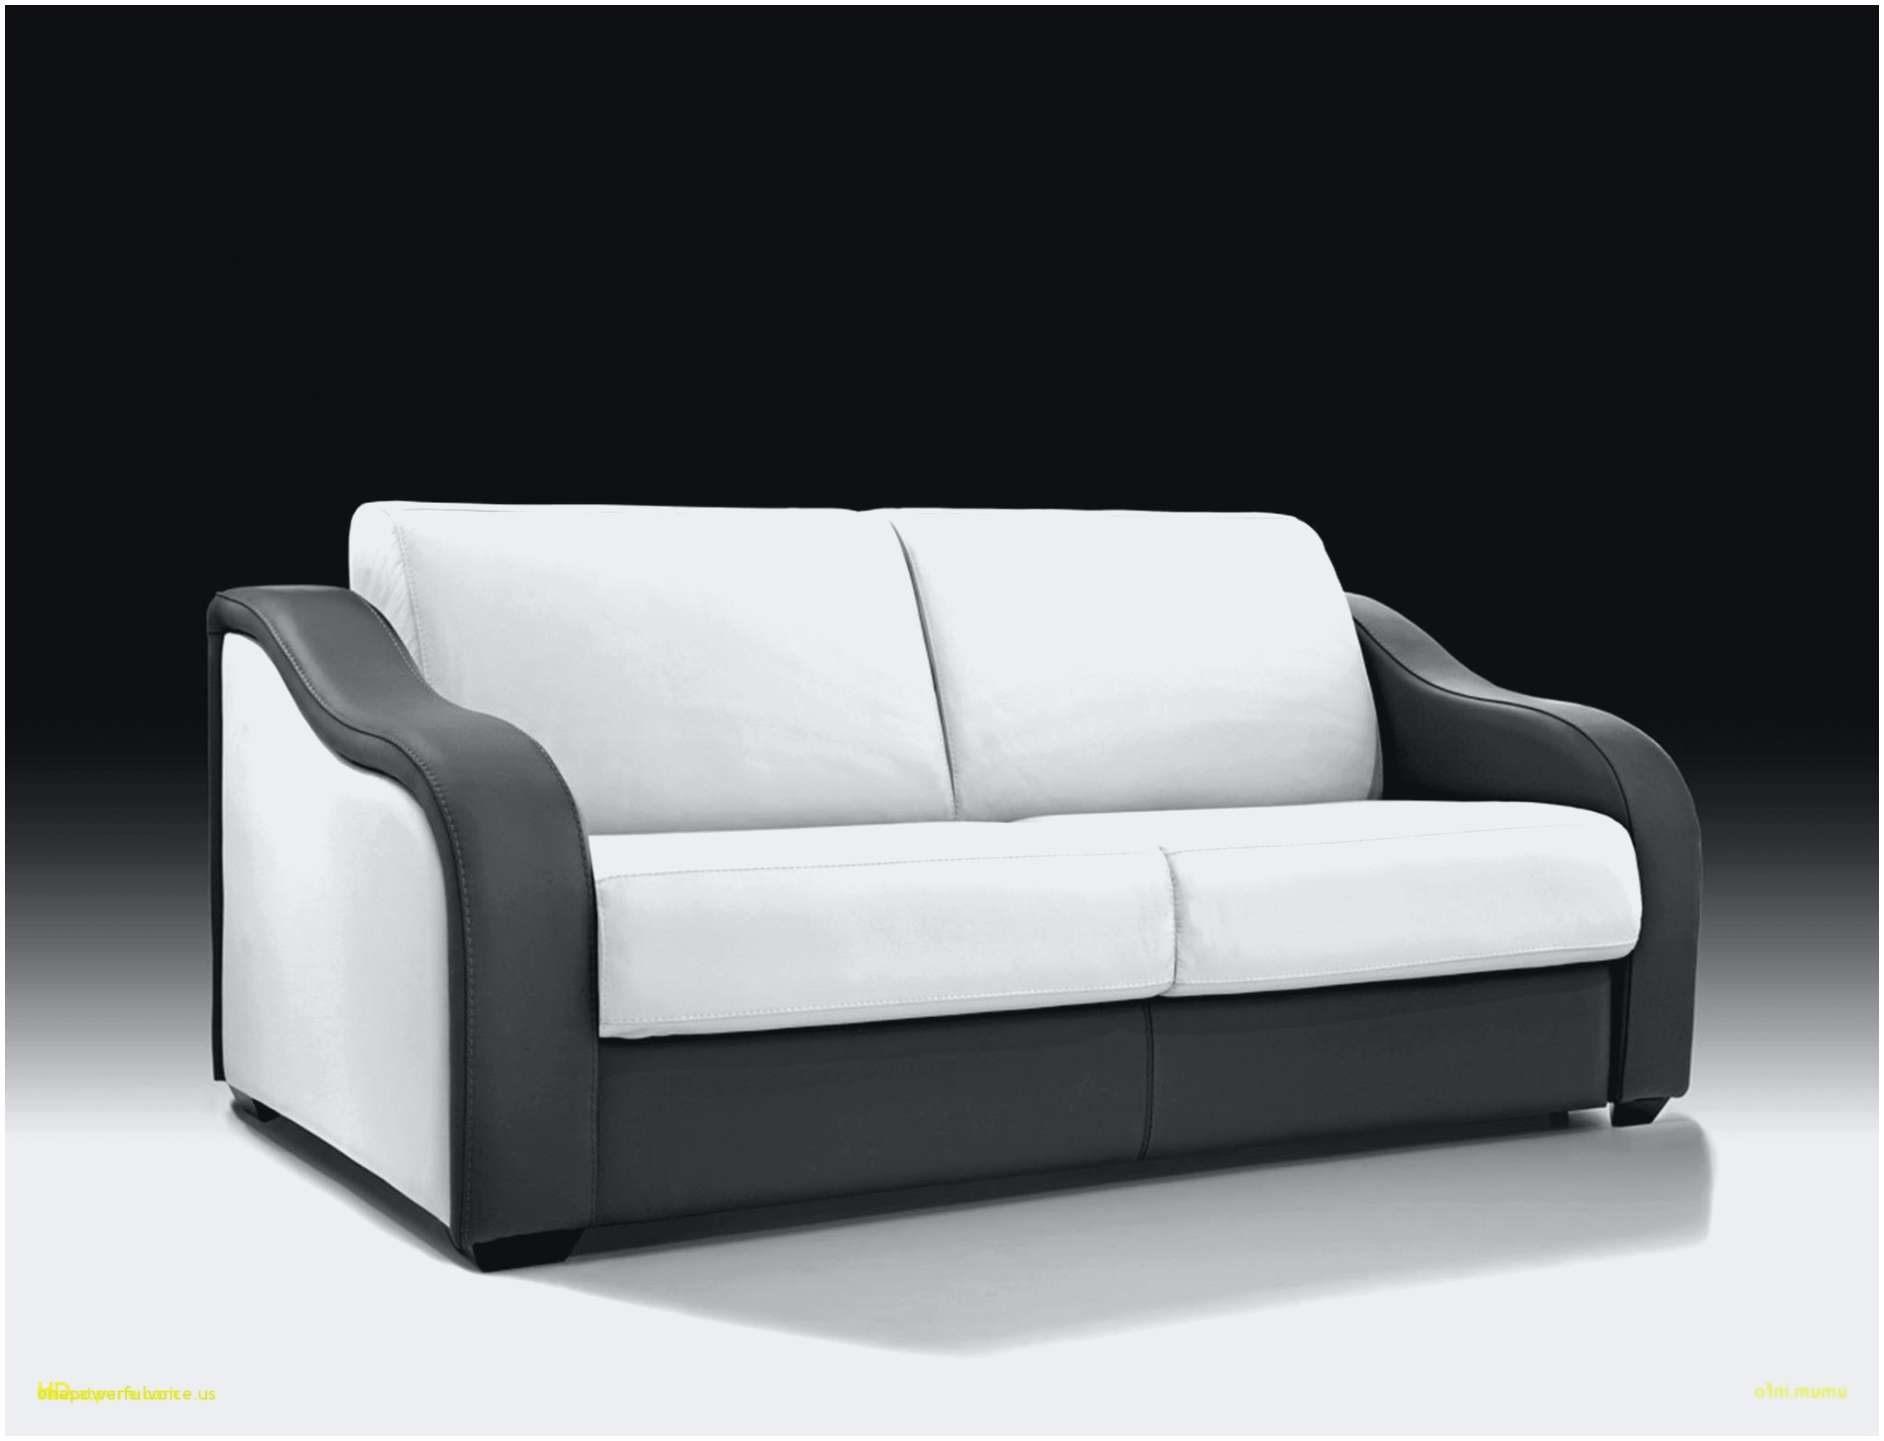 Canapé Lit Convertible Ikea Unique Impressionnant Canapé Italien Direct Usine — Puredebrideur Pour